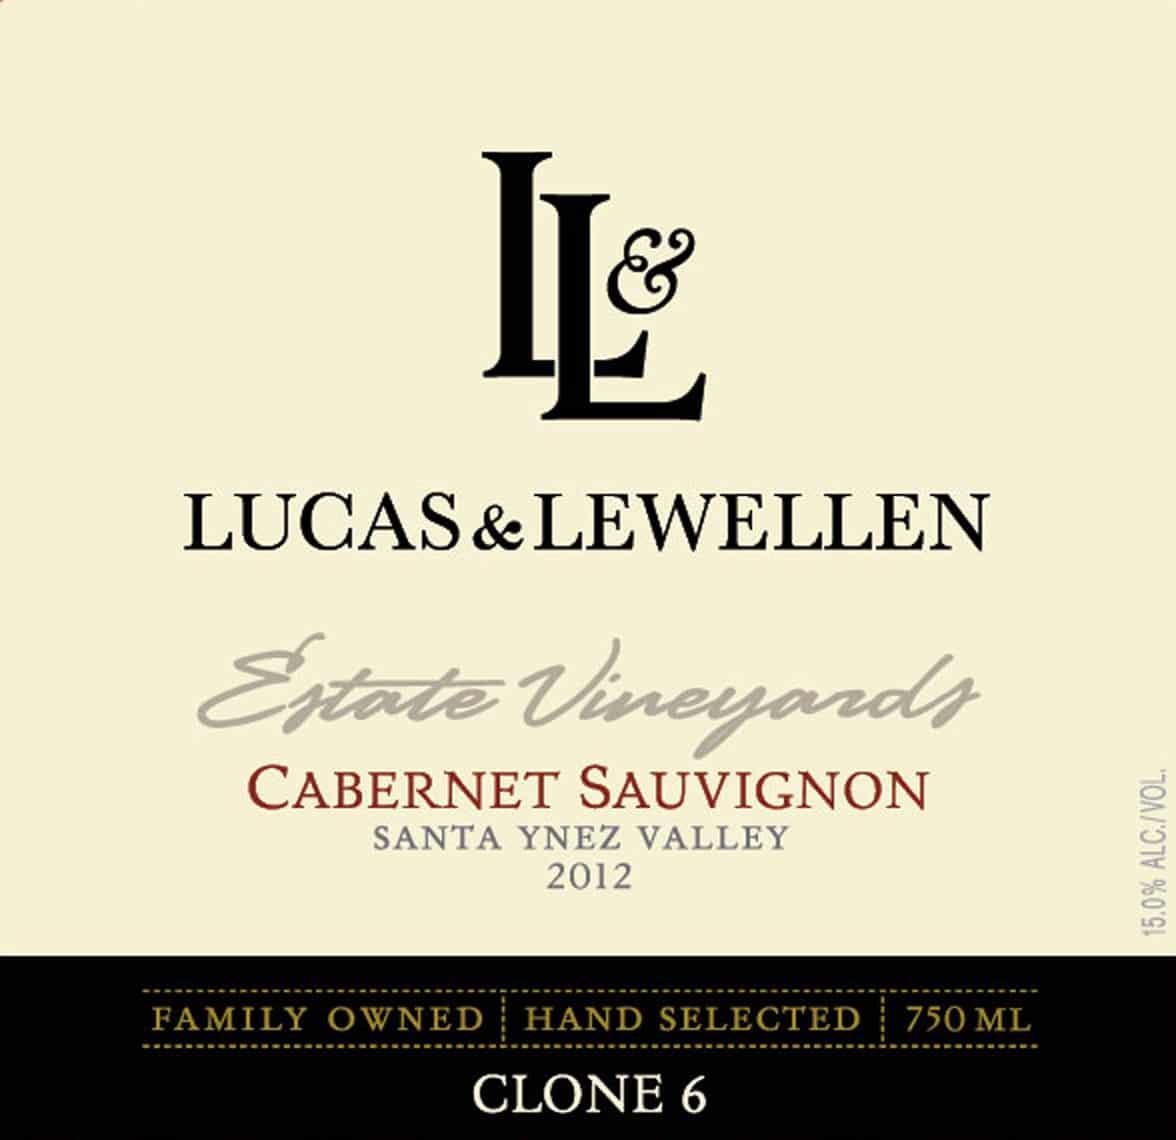 Lucas & Lewellen Vineyards